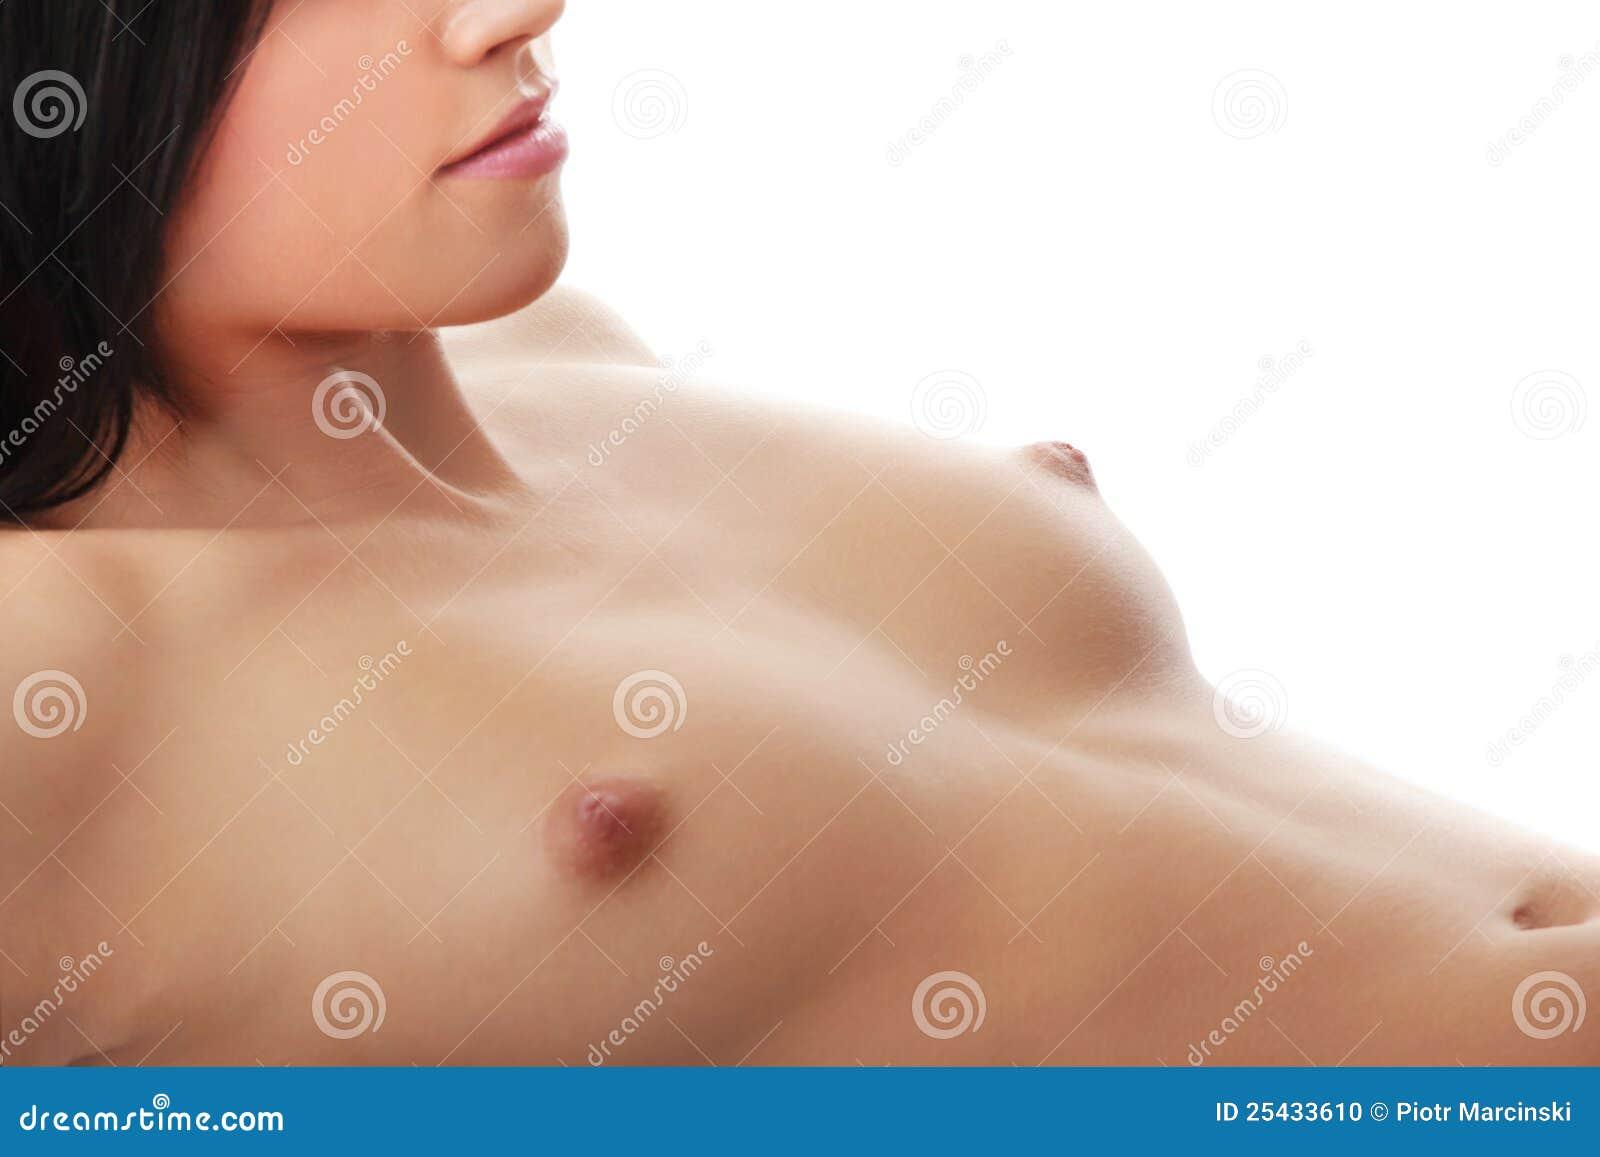 Omegle Teen Amazing Body